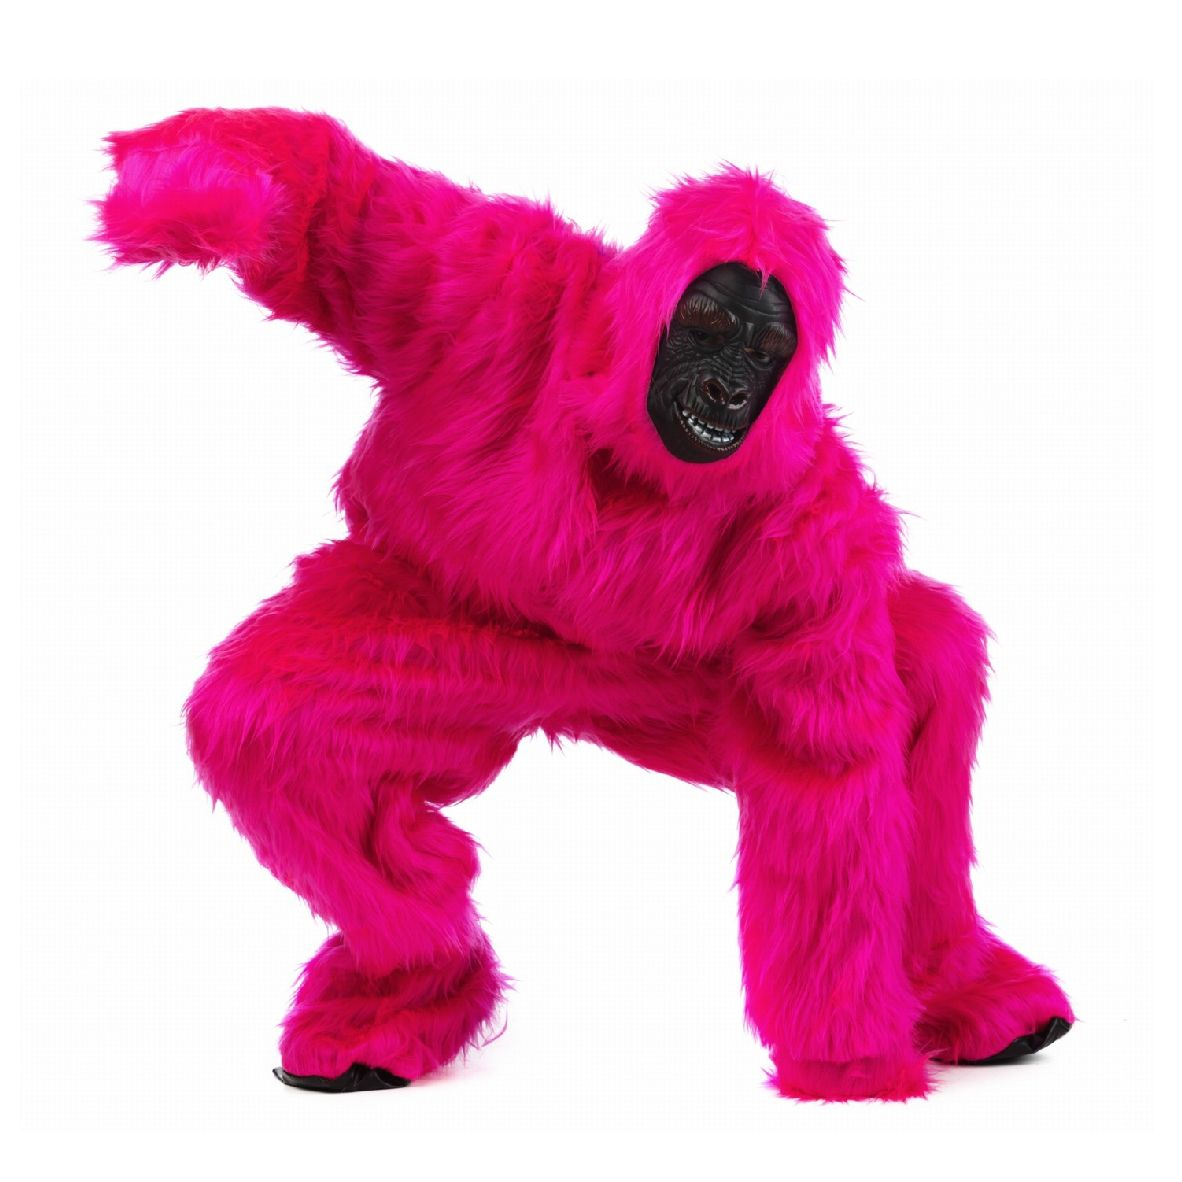 pinker affe hh gorilla nice kost me f r erwachsene. Black Bedroom Furniture Sets. Home Design Ideas